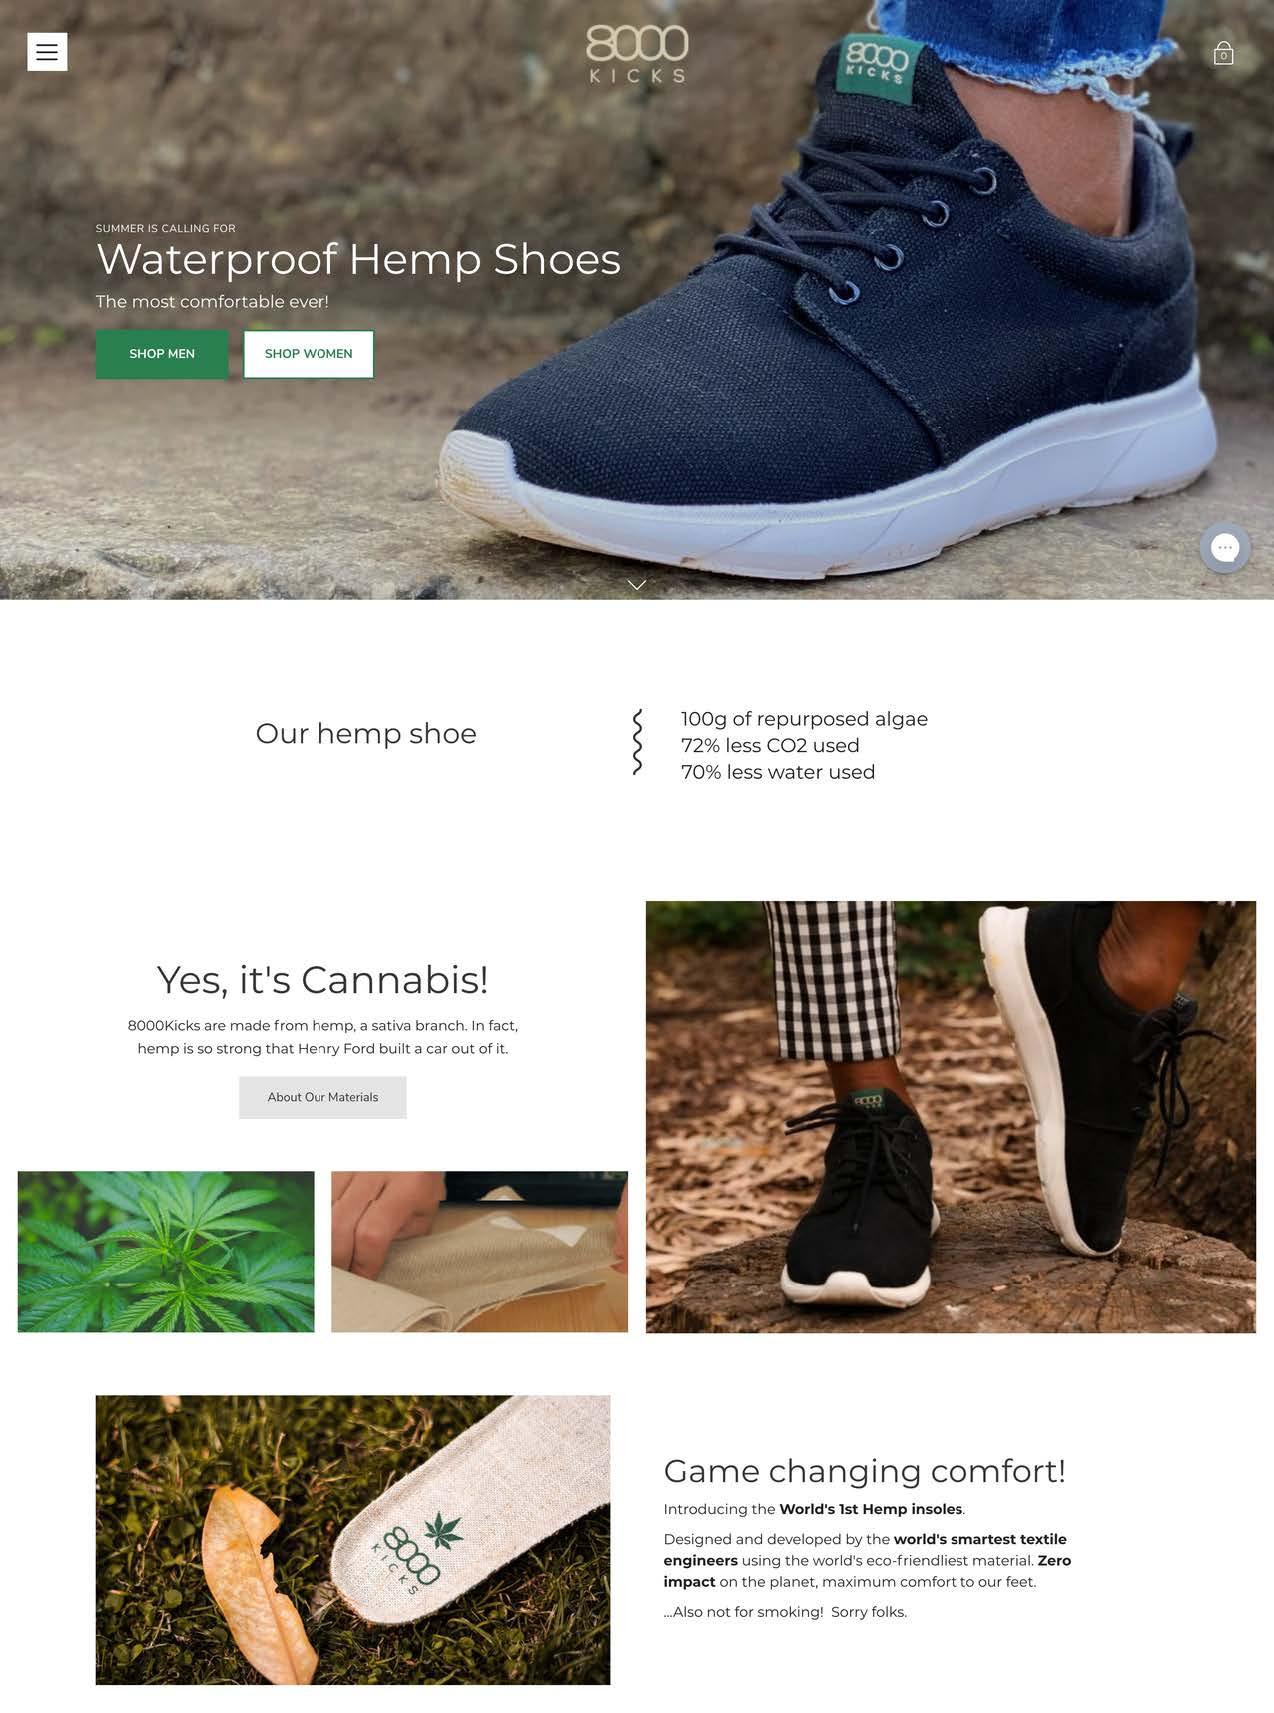 8000kicks homepage waterproof hemp shoes